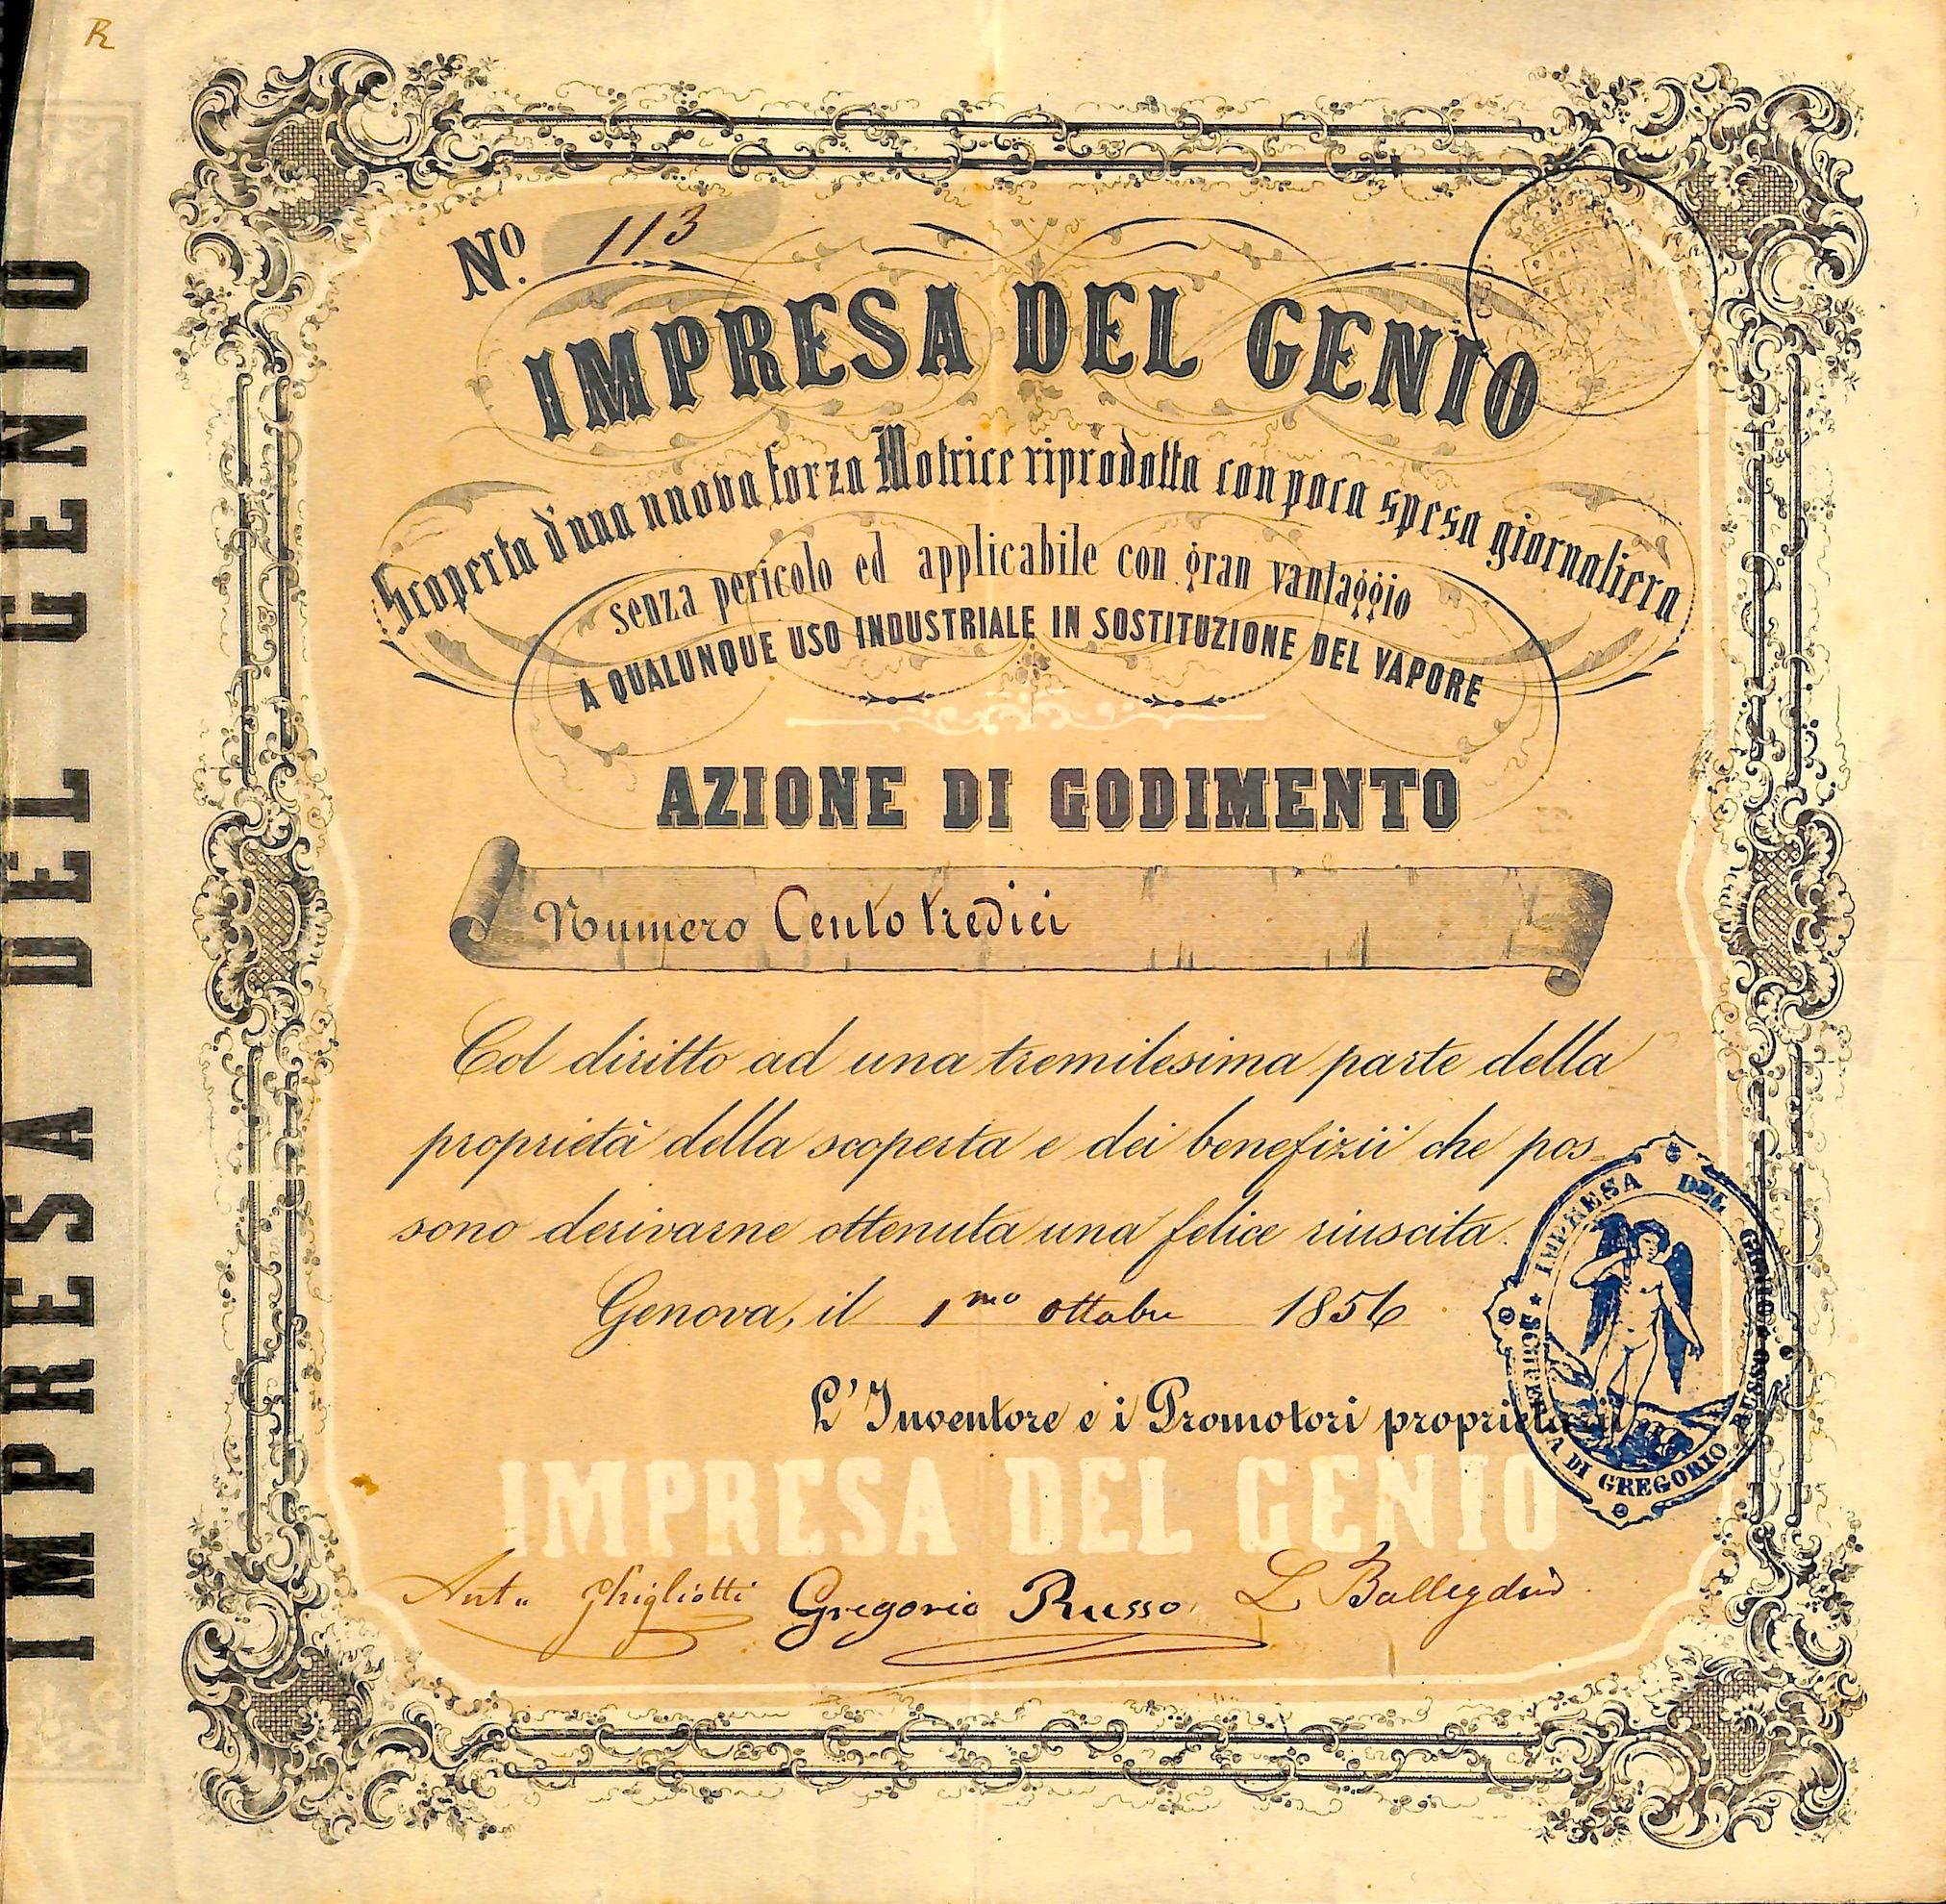 1856impresadelgenio-copia-2